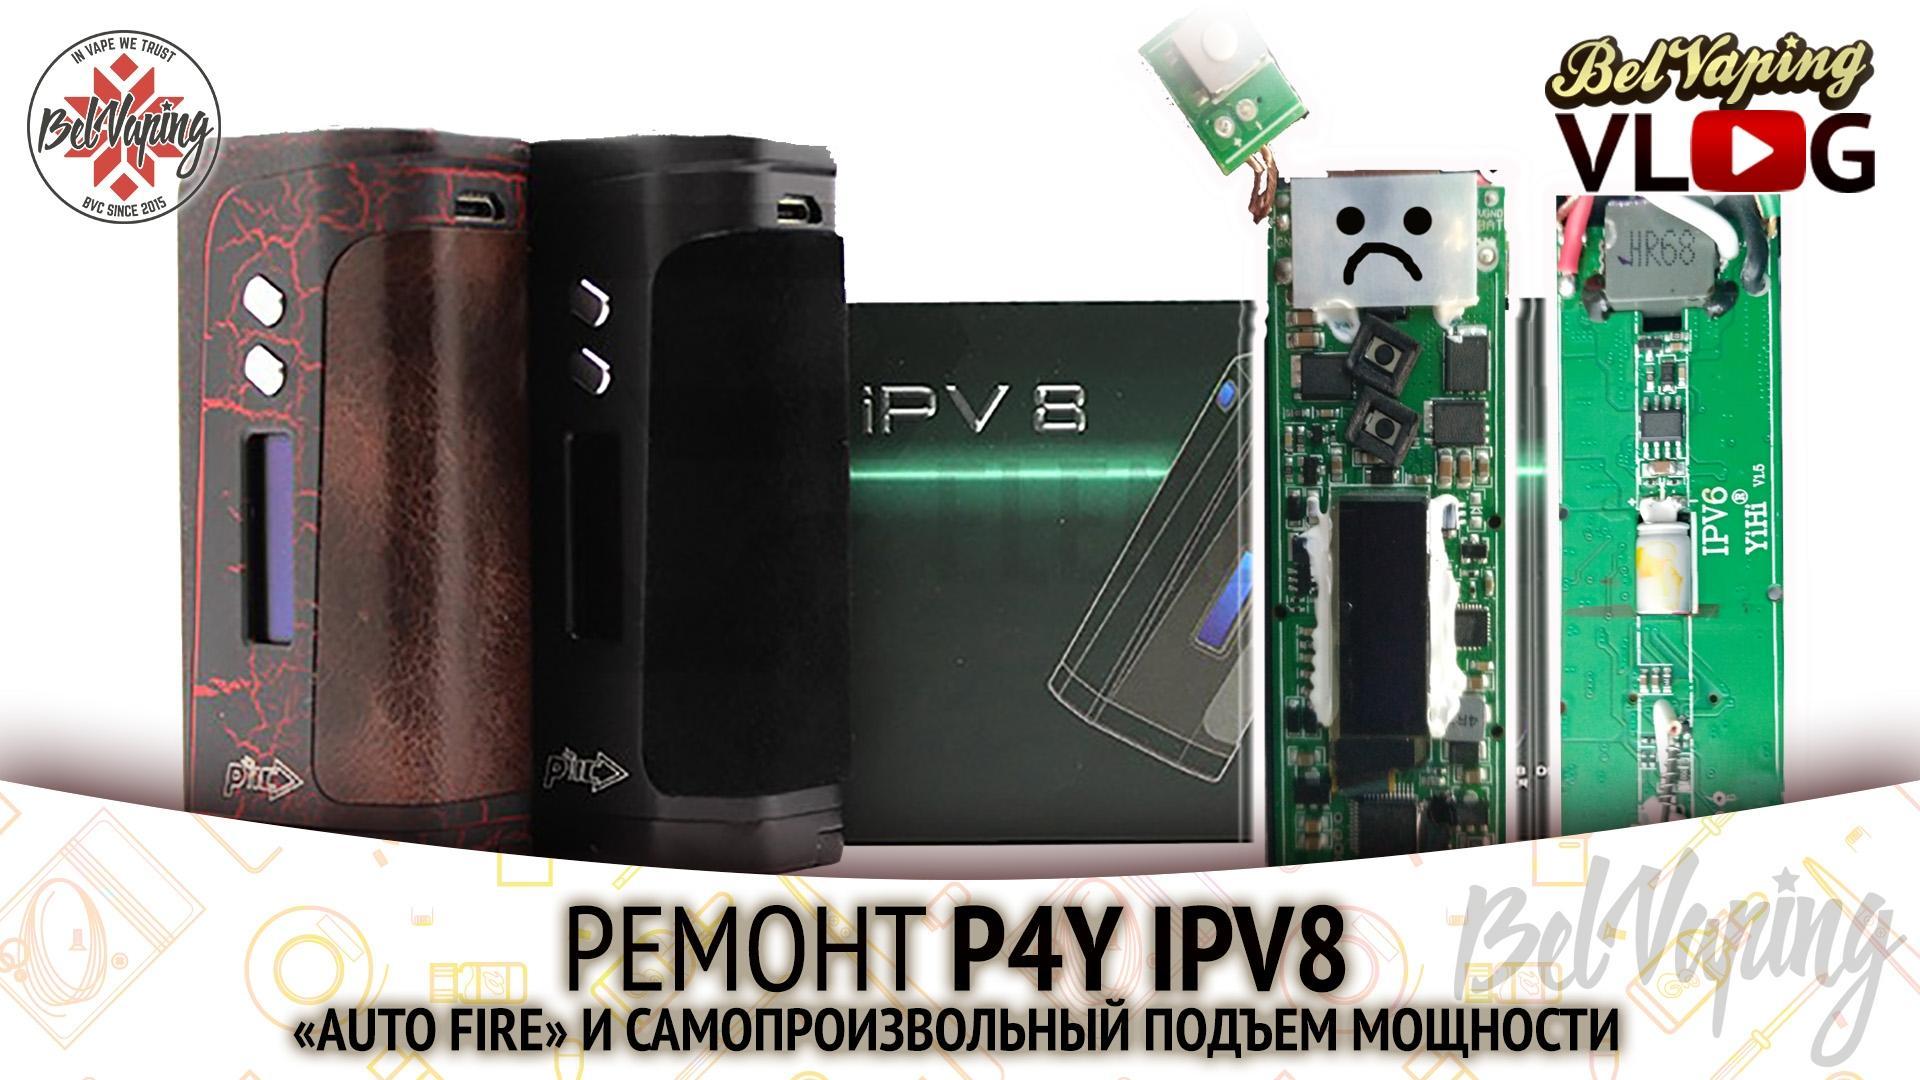 Ремонт боксмода Pioneer4You IPV8